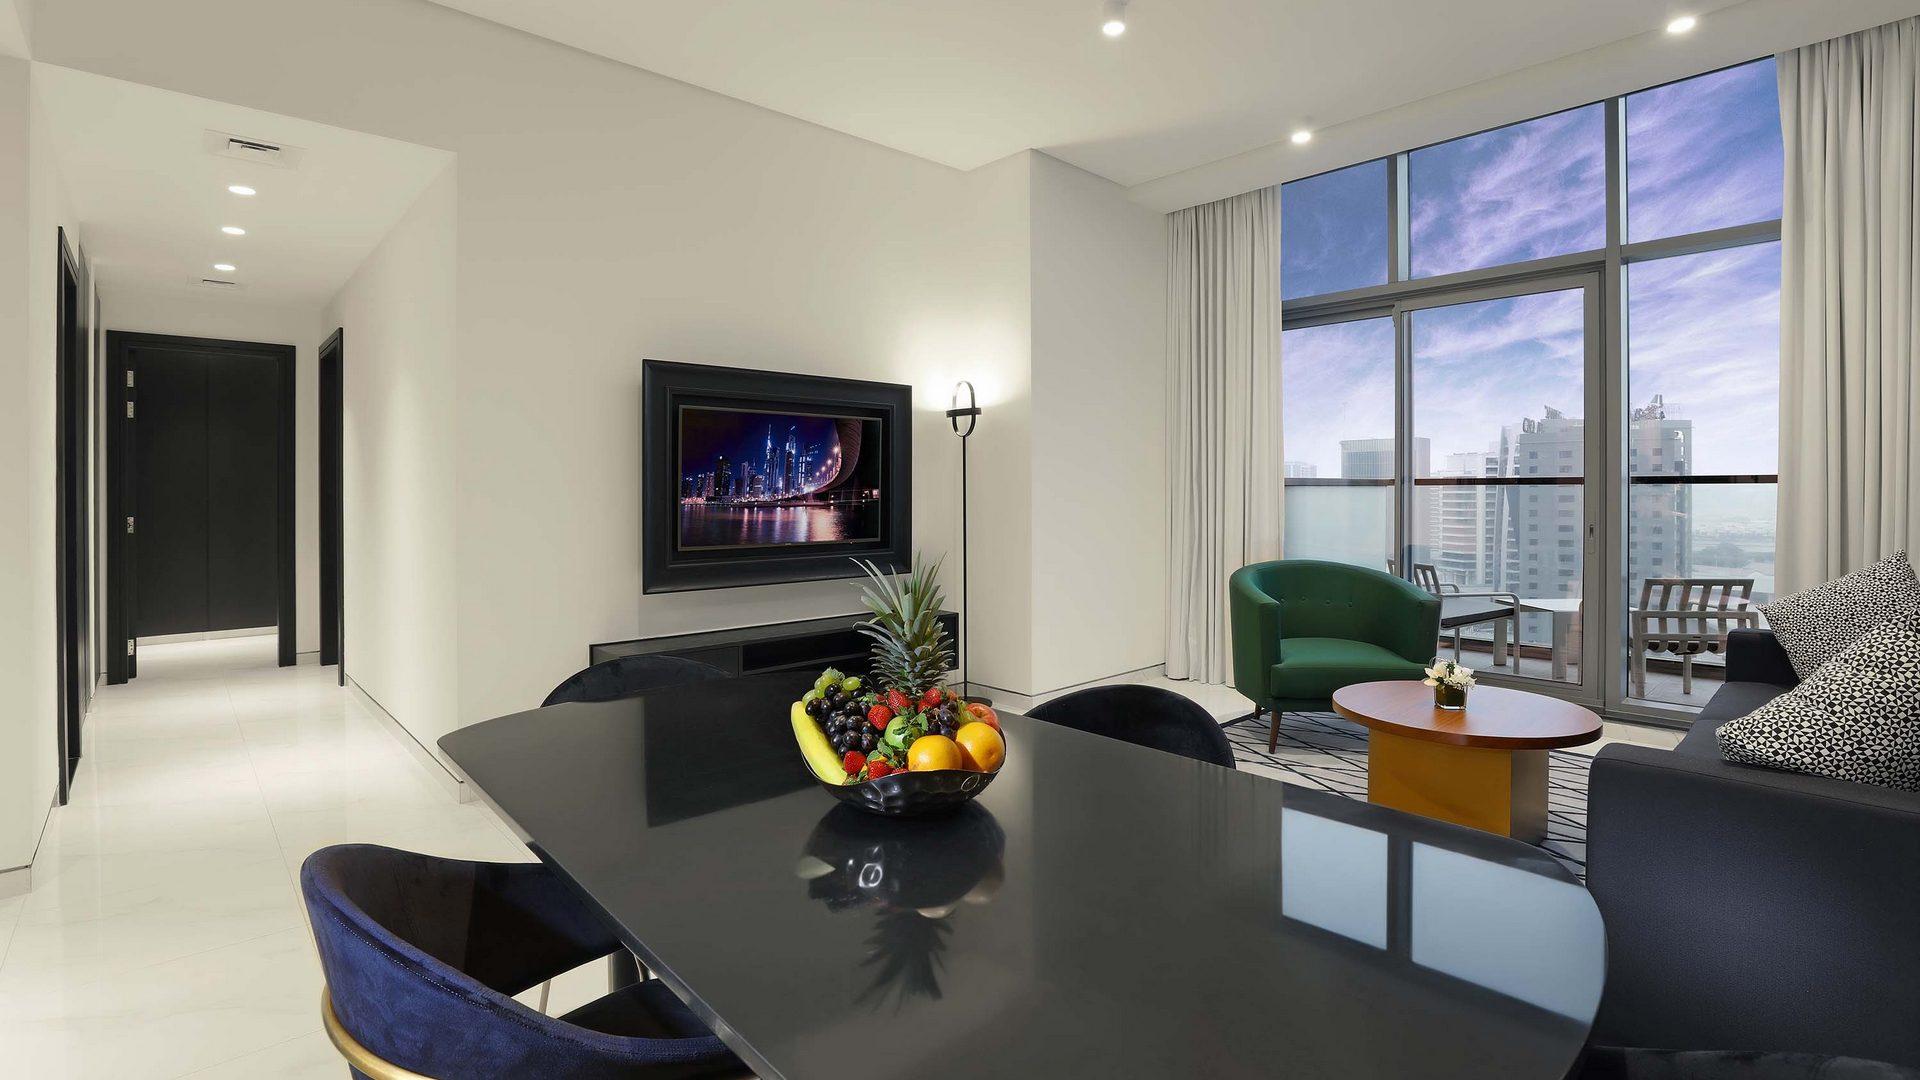 Apartamento en venta en Dubai, EAU, 1 dormitorio, 118 m2, № 24113 – foto 1